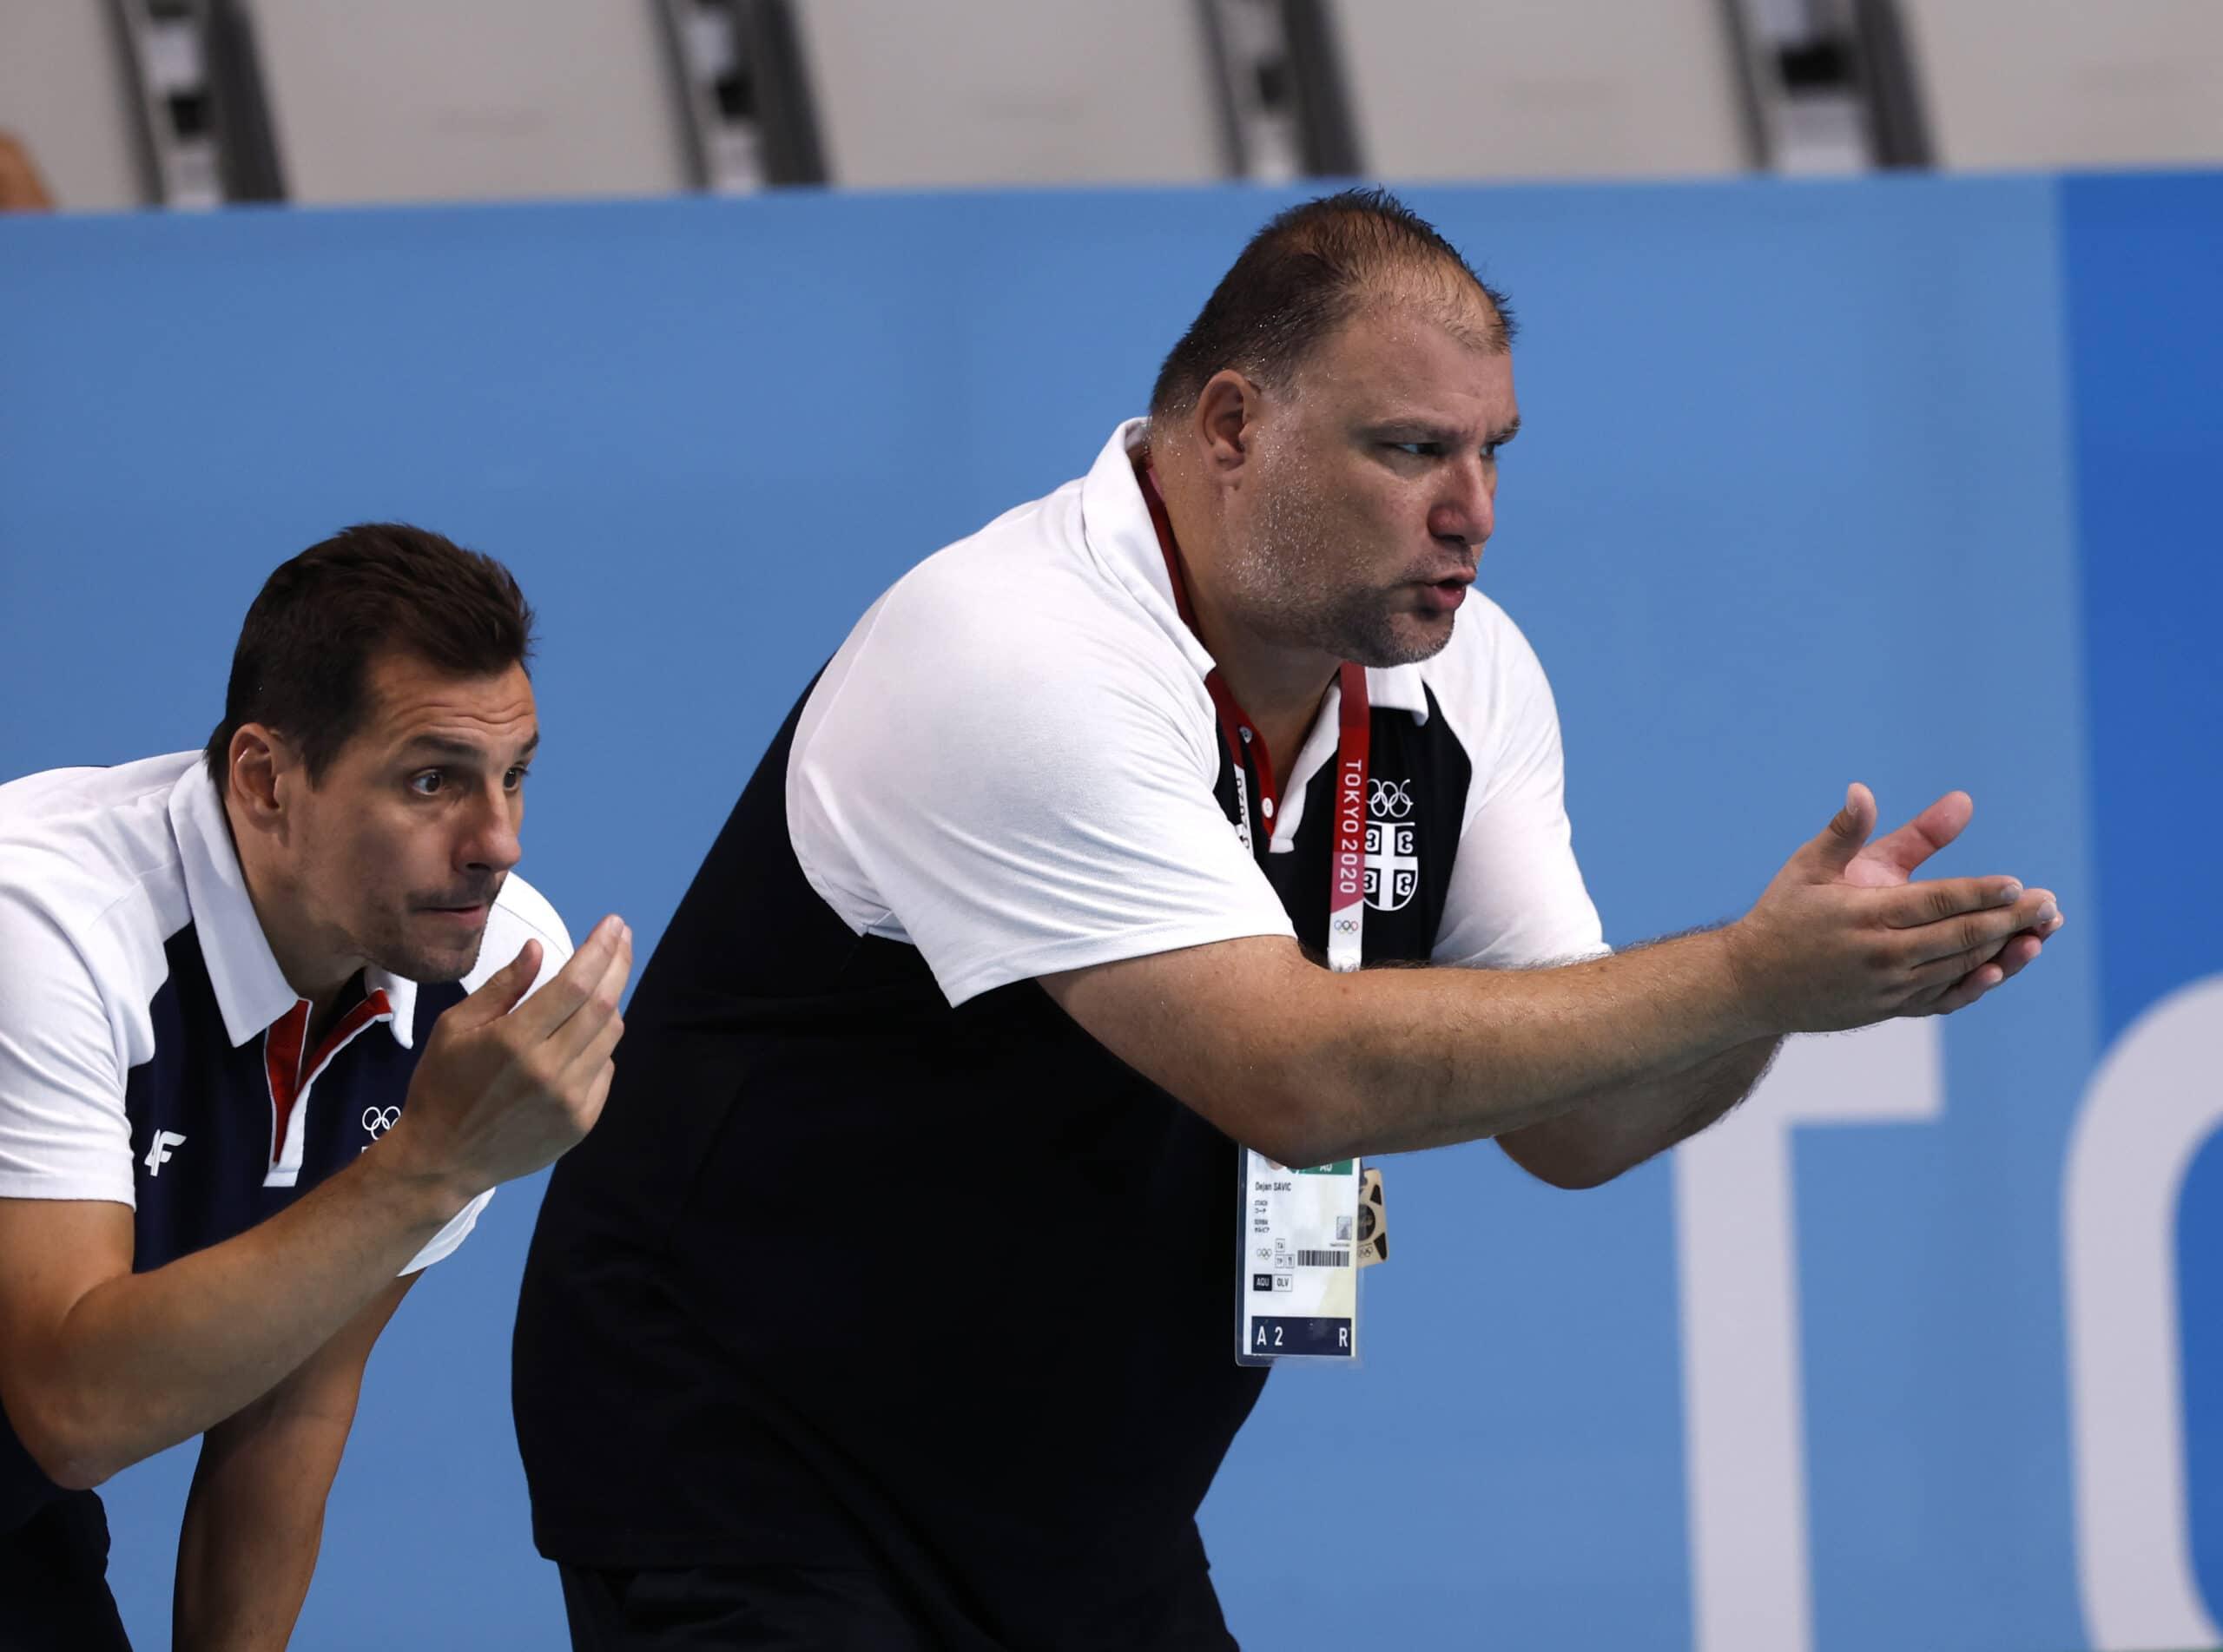 Vaterpolisti Srbije osvojili zlatnu medalju na Olimpijskim igrama 2